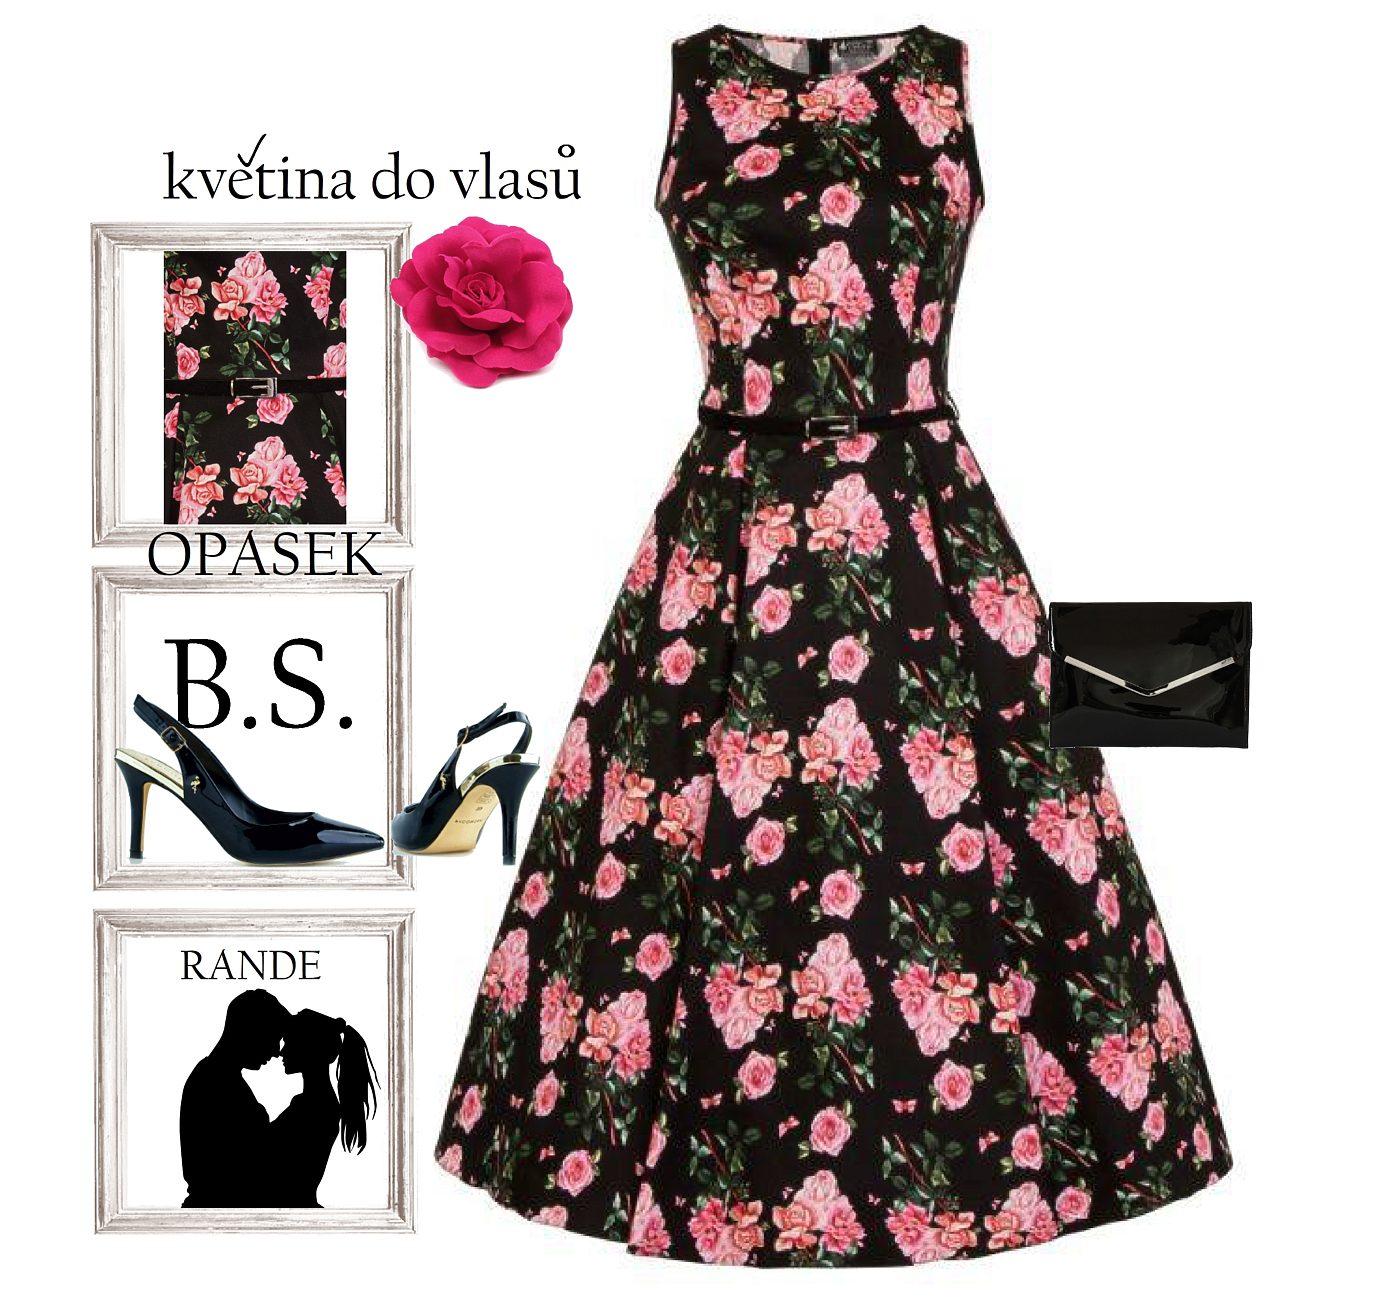 Černé šaty s růžovými květy Lady V London Audrey Lady V London ... 2d0a58d175